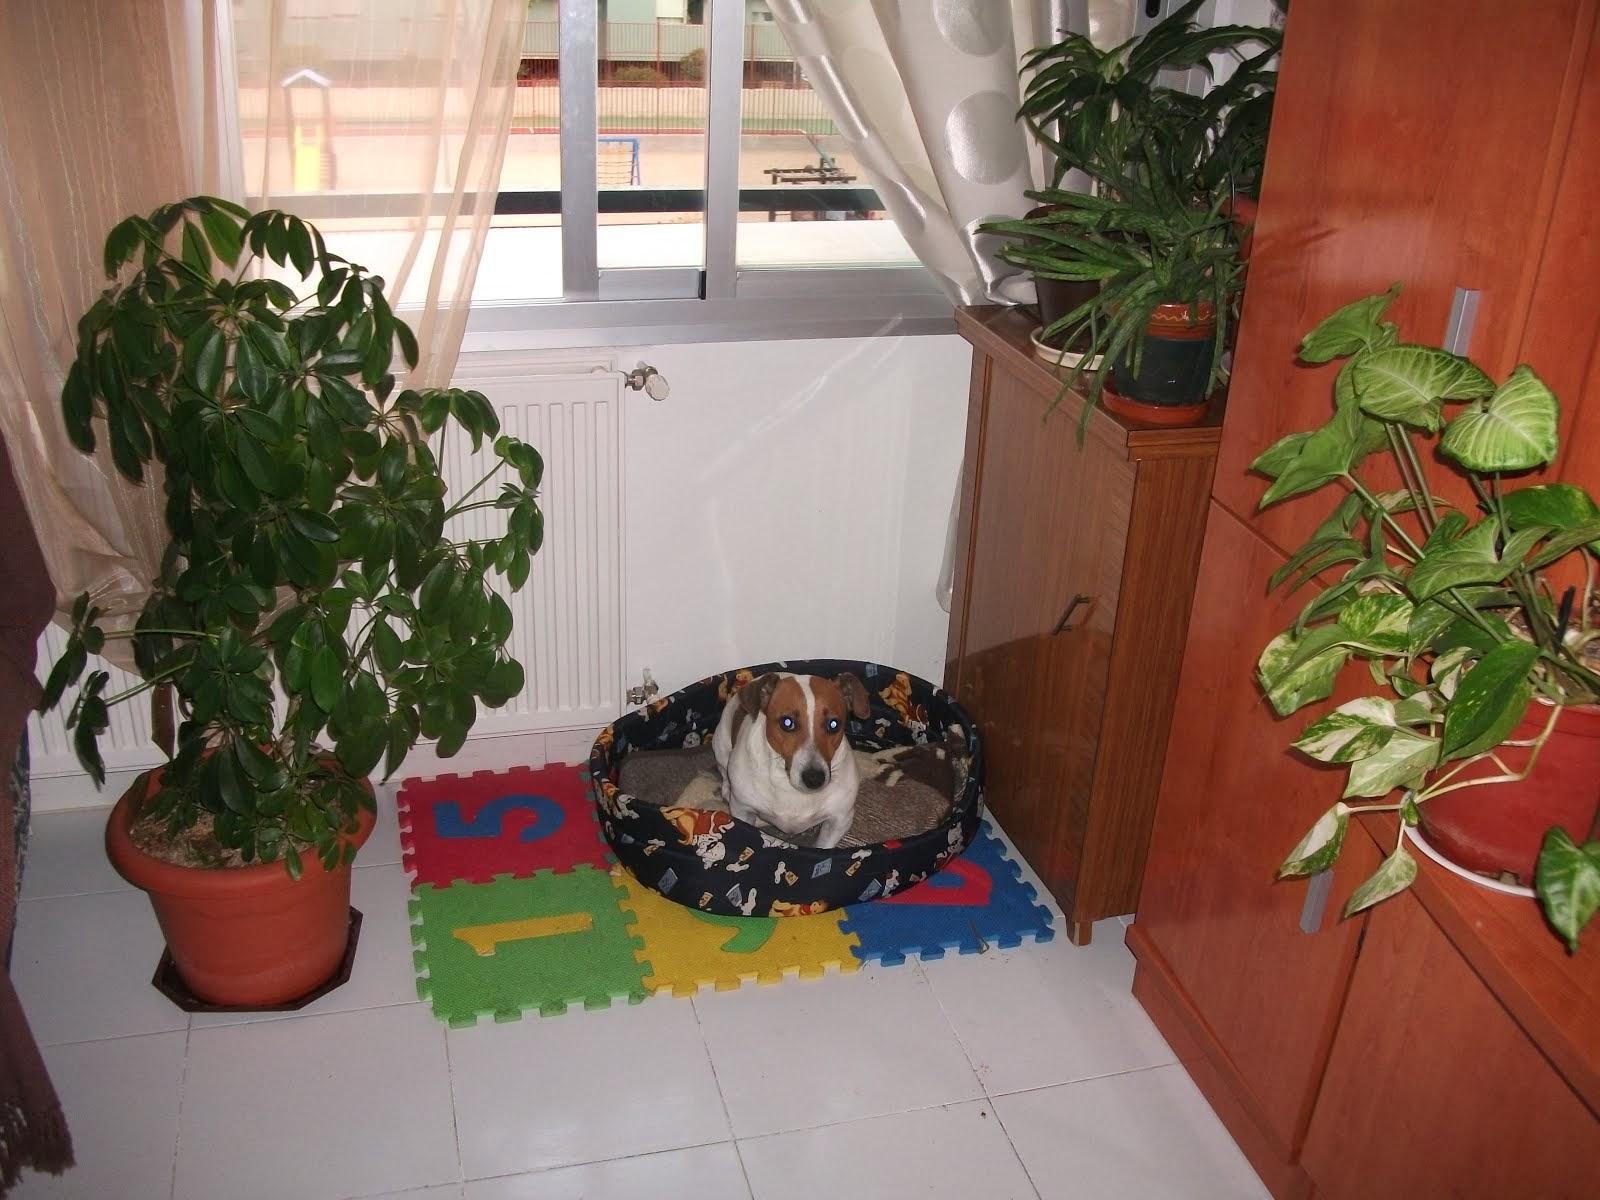 en mi casa cuido mascotas